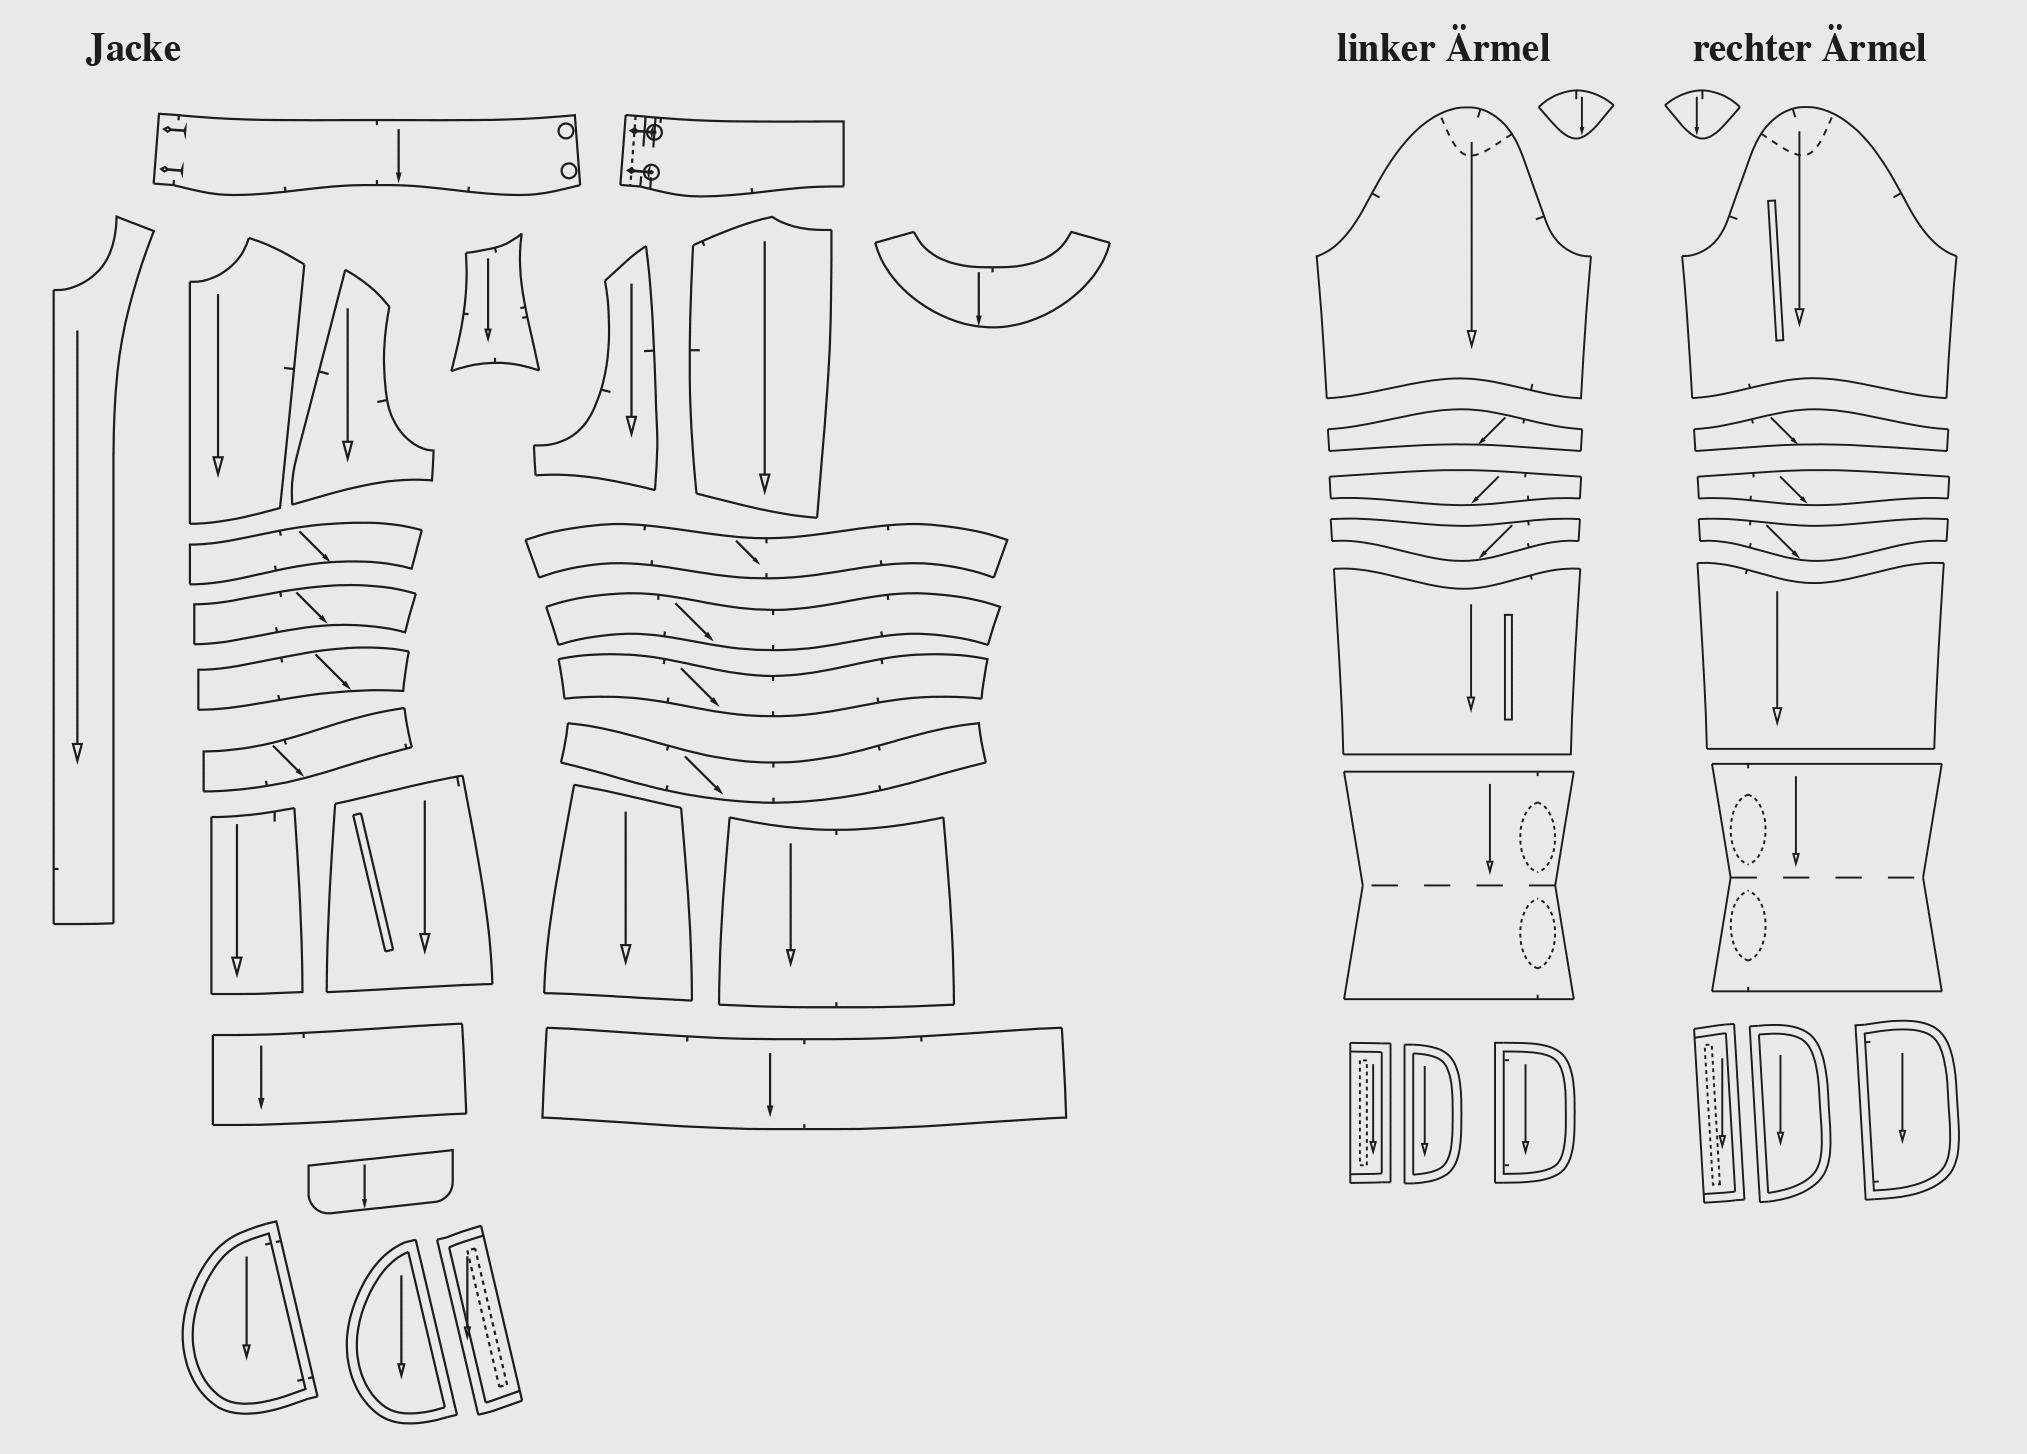 Zu sehen sind die fertigen Schnittteile der Schnittkonstruktion für die Skijacke.